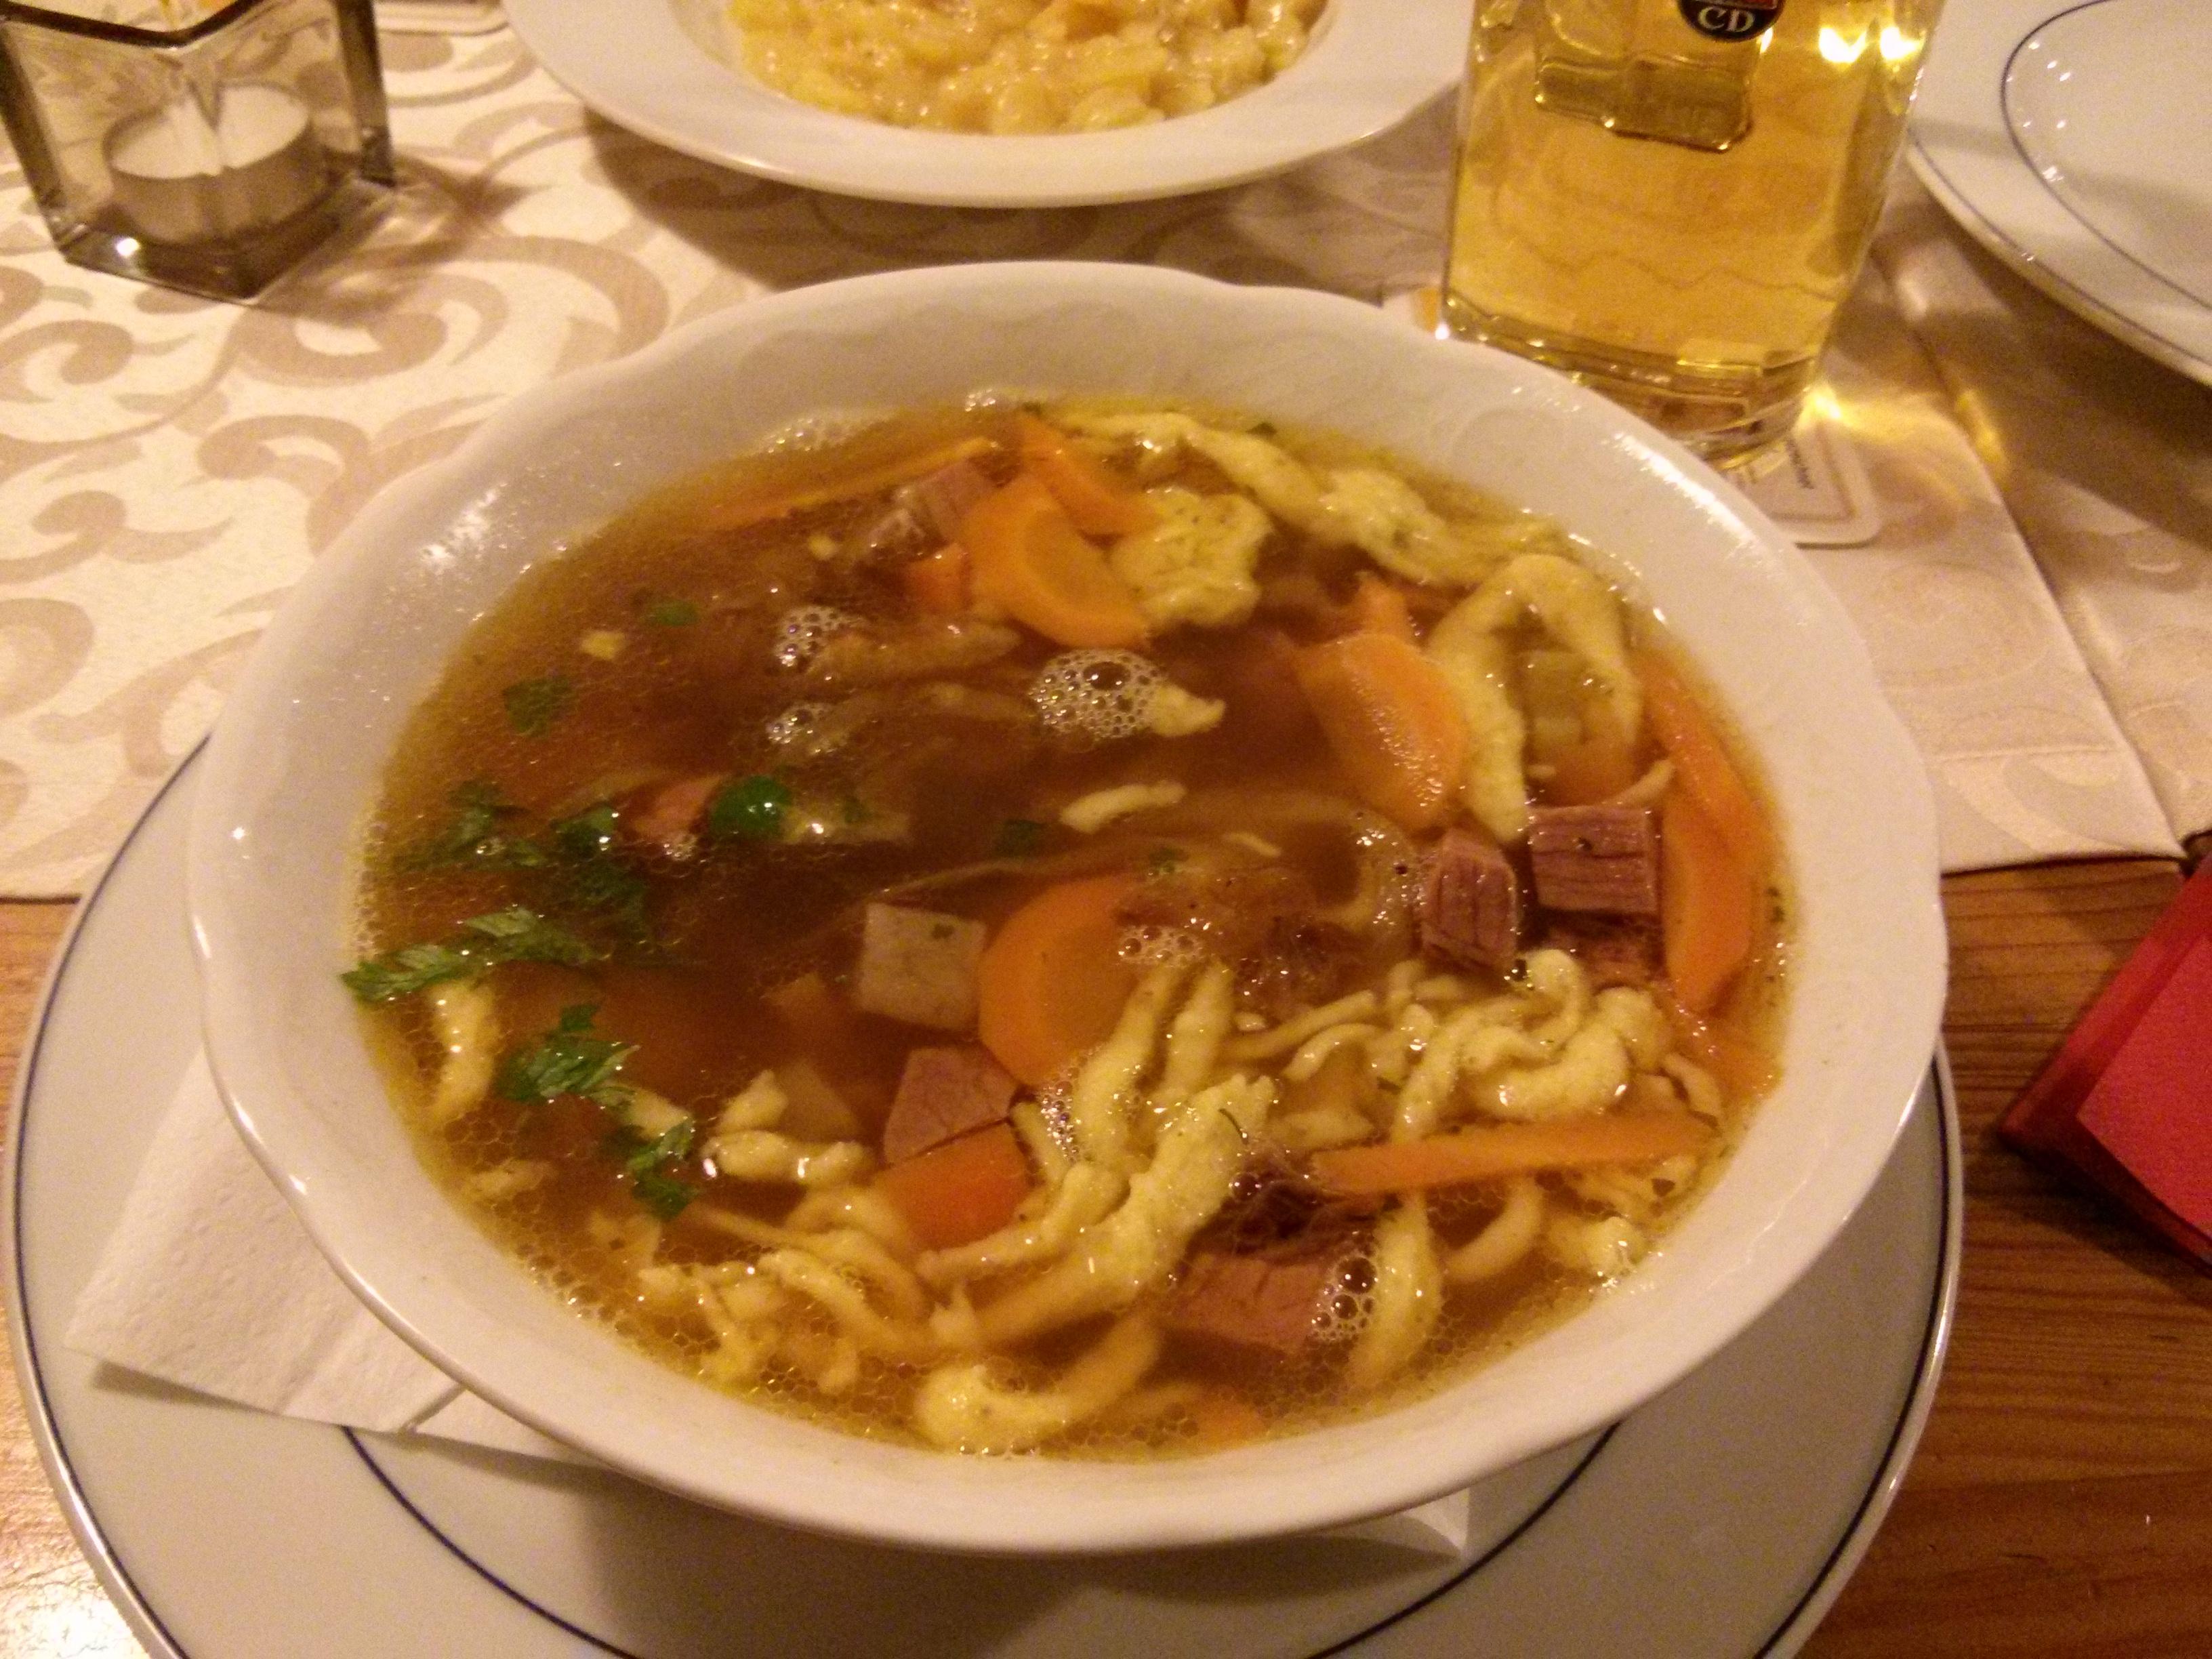 https://foodloader.net/nico_2013-10-12_gaisburger-marsch.jpg